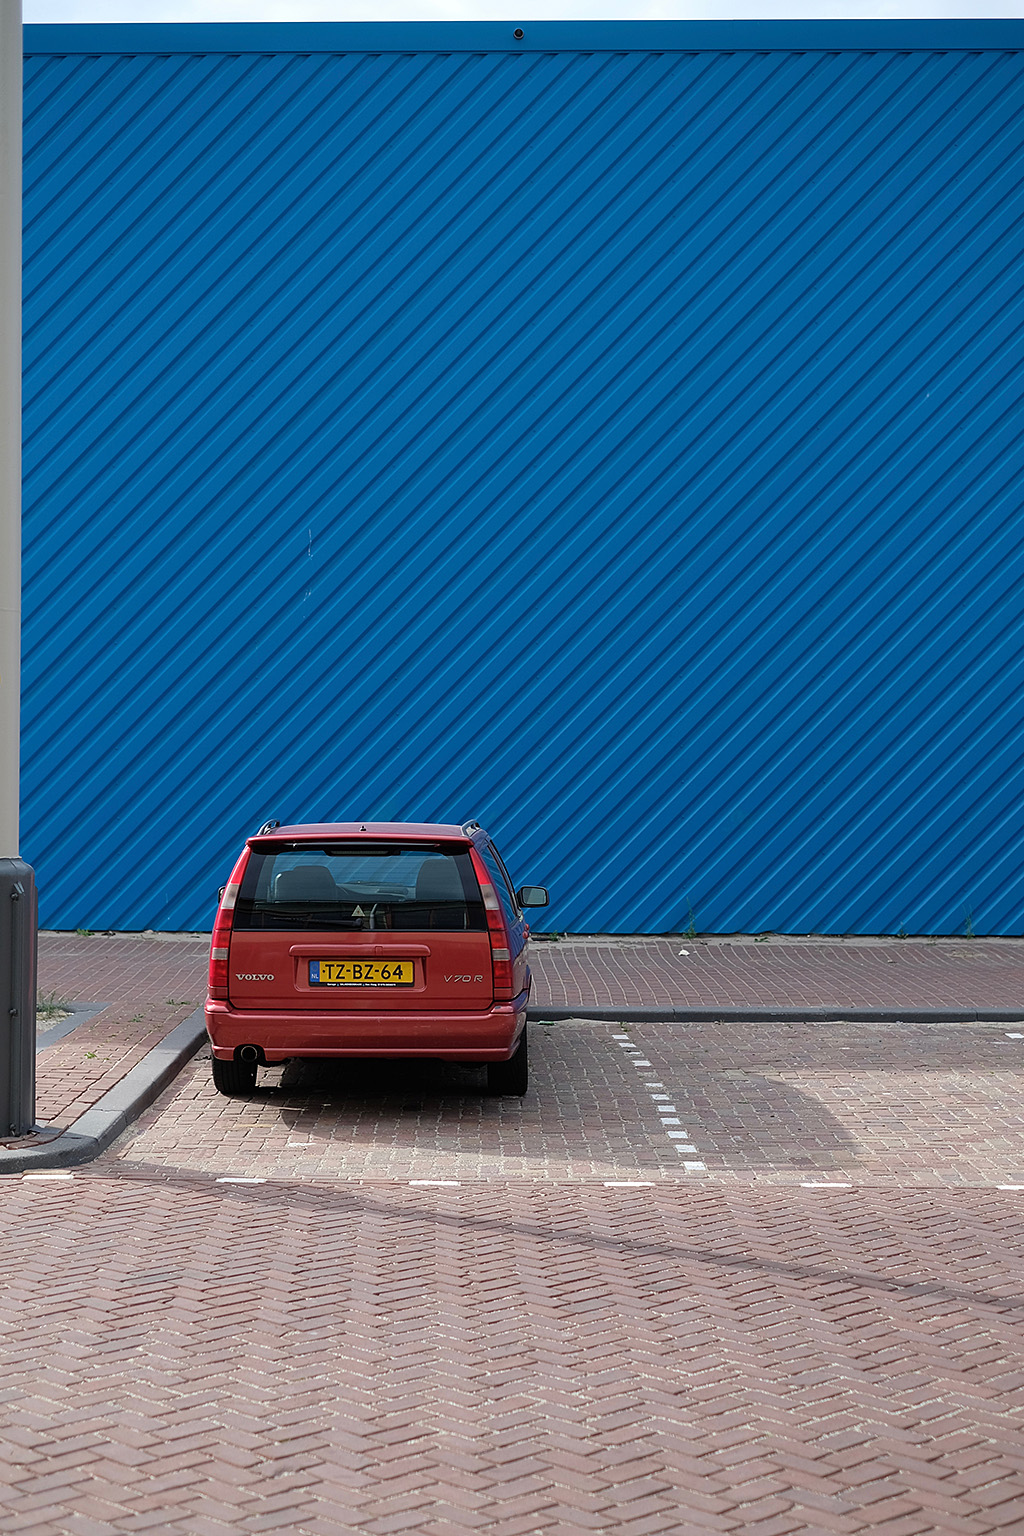 La Volvo - Voiture du peuple au Pays bas, Danemark, Norvège et Suède